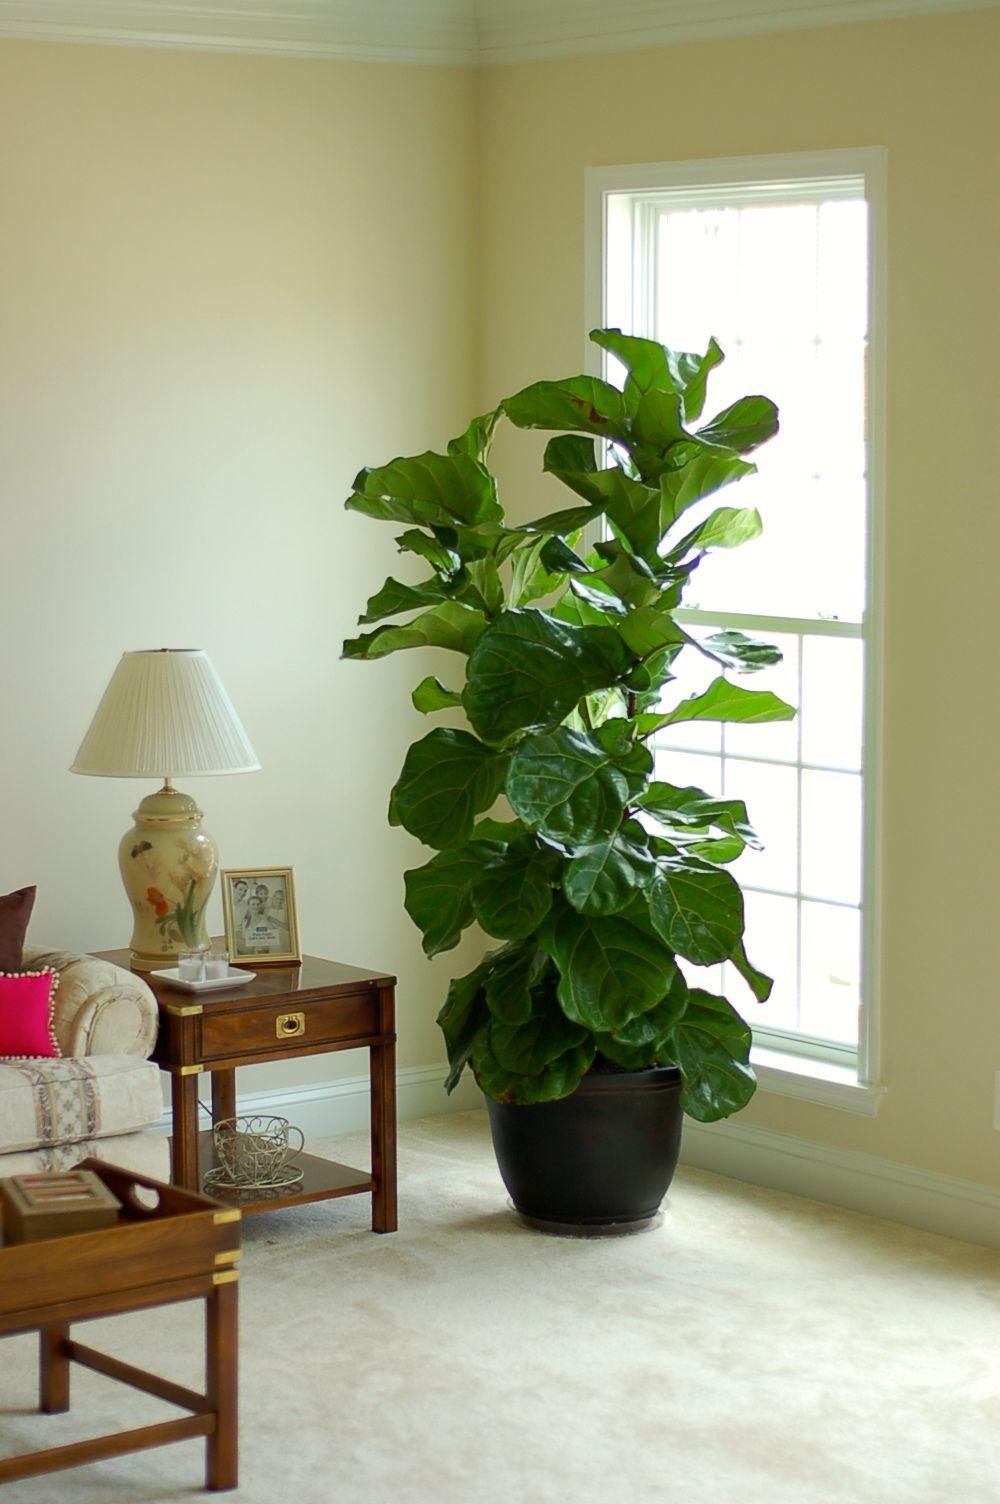 The Popular U0026 Elusive Fiddle Leaf Fig Tree